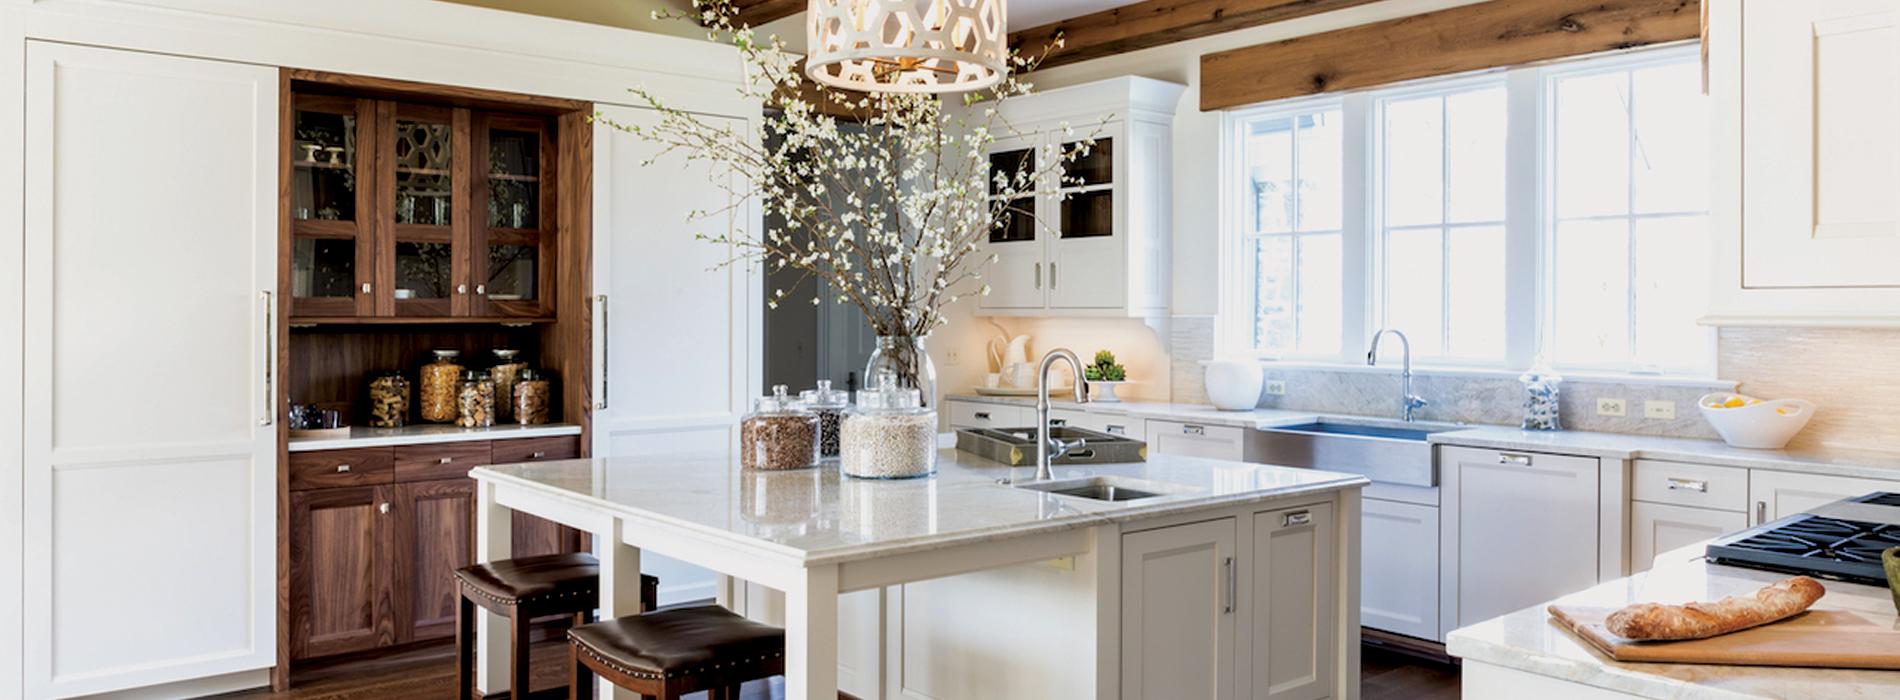 Uncategorized. Lobkovich Kitchen Designs. jamesmcavoybr Home Design